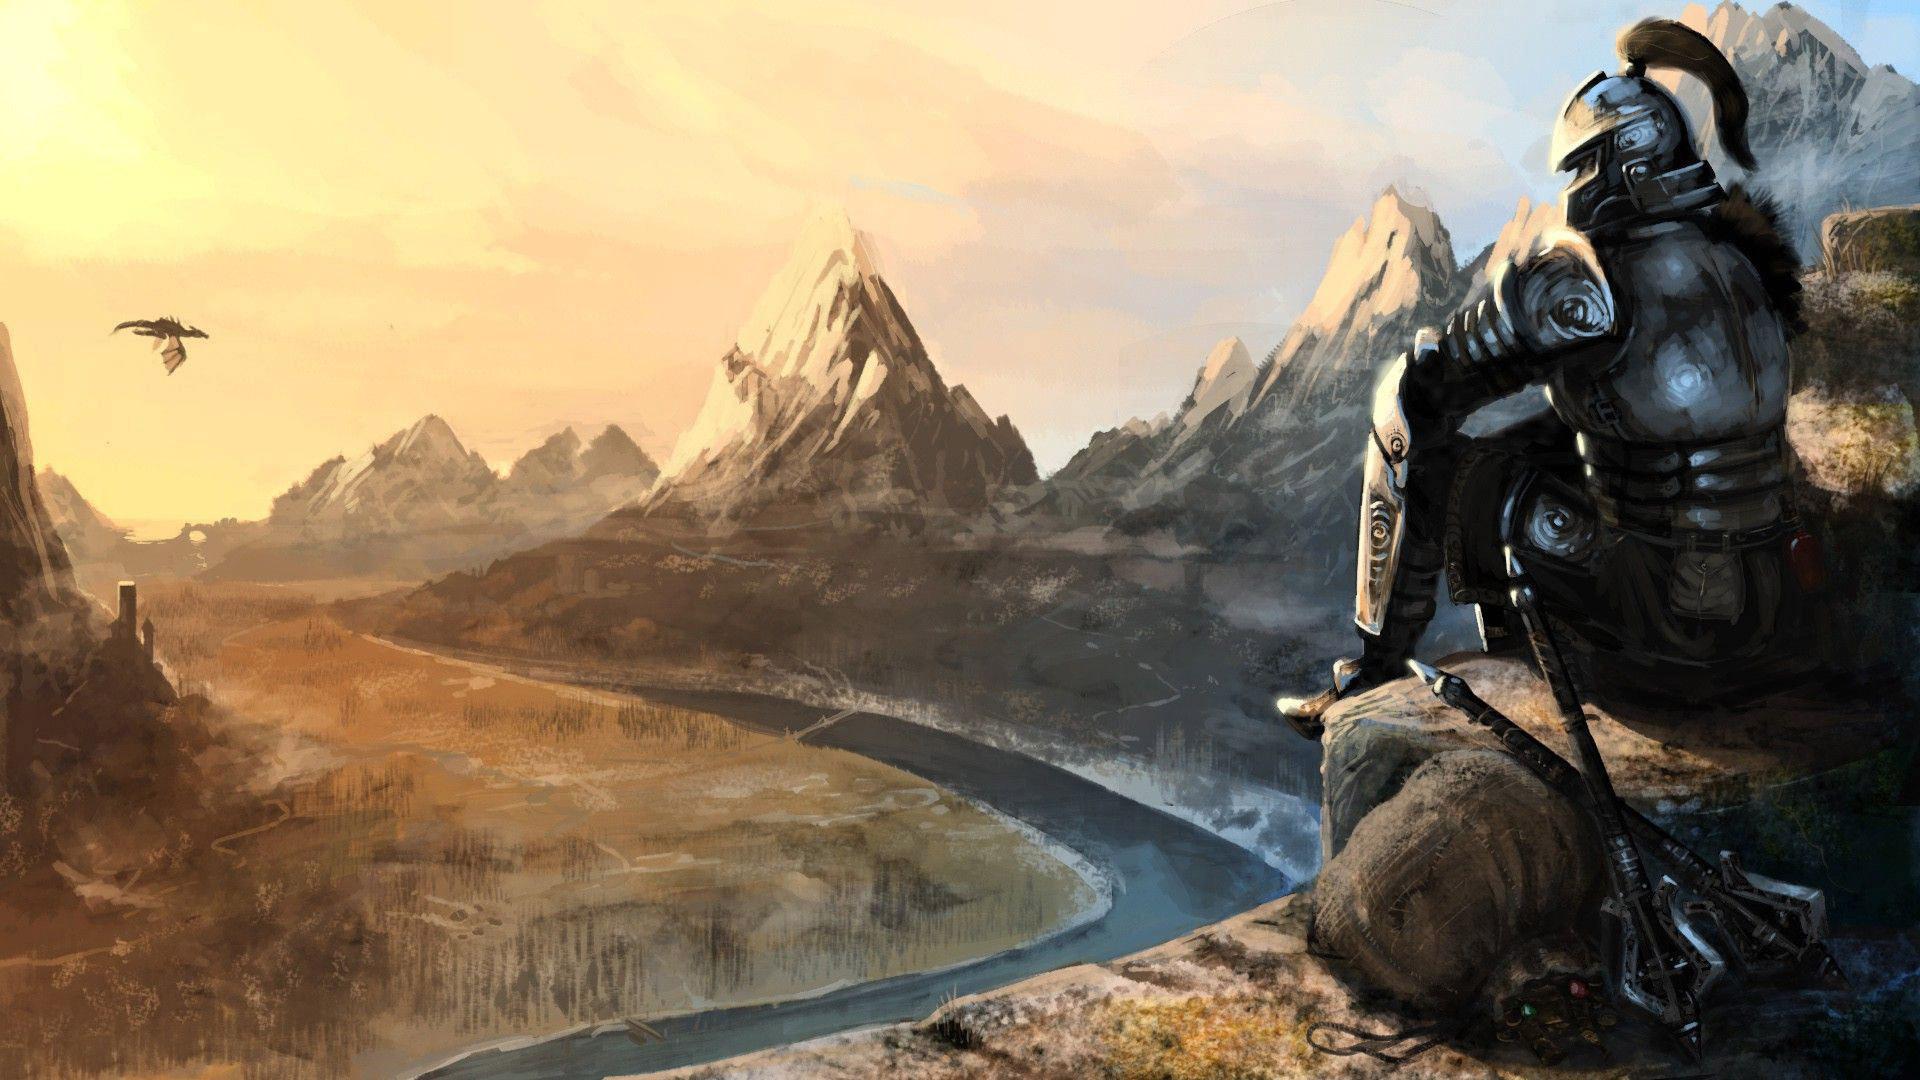 Wallpaper Full Hd 1080p 3d The Elder Scrolls V Skyrim Details Launchbox Games Database